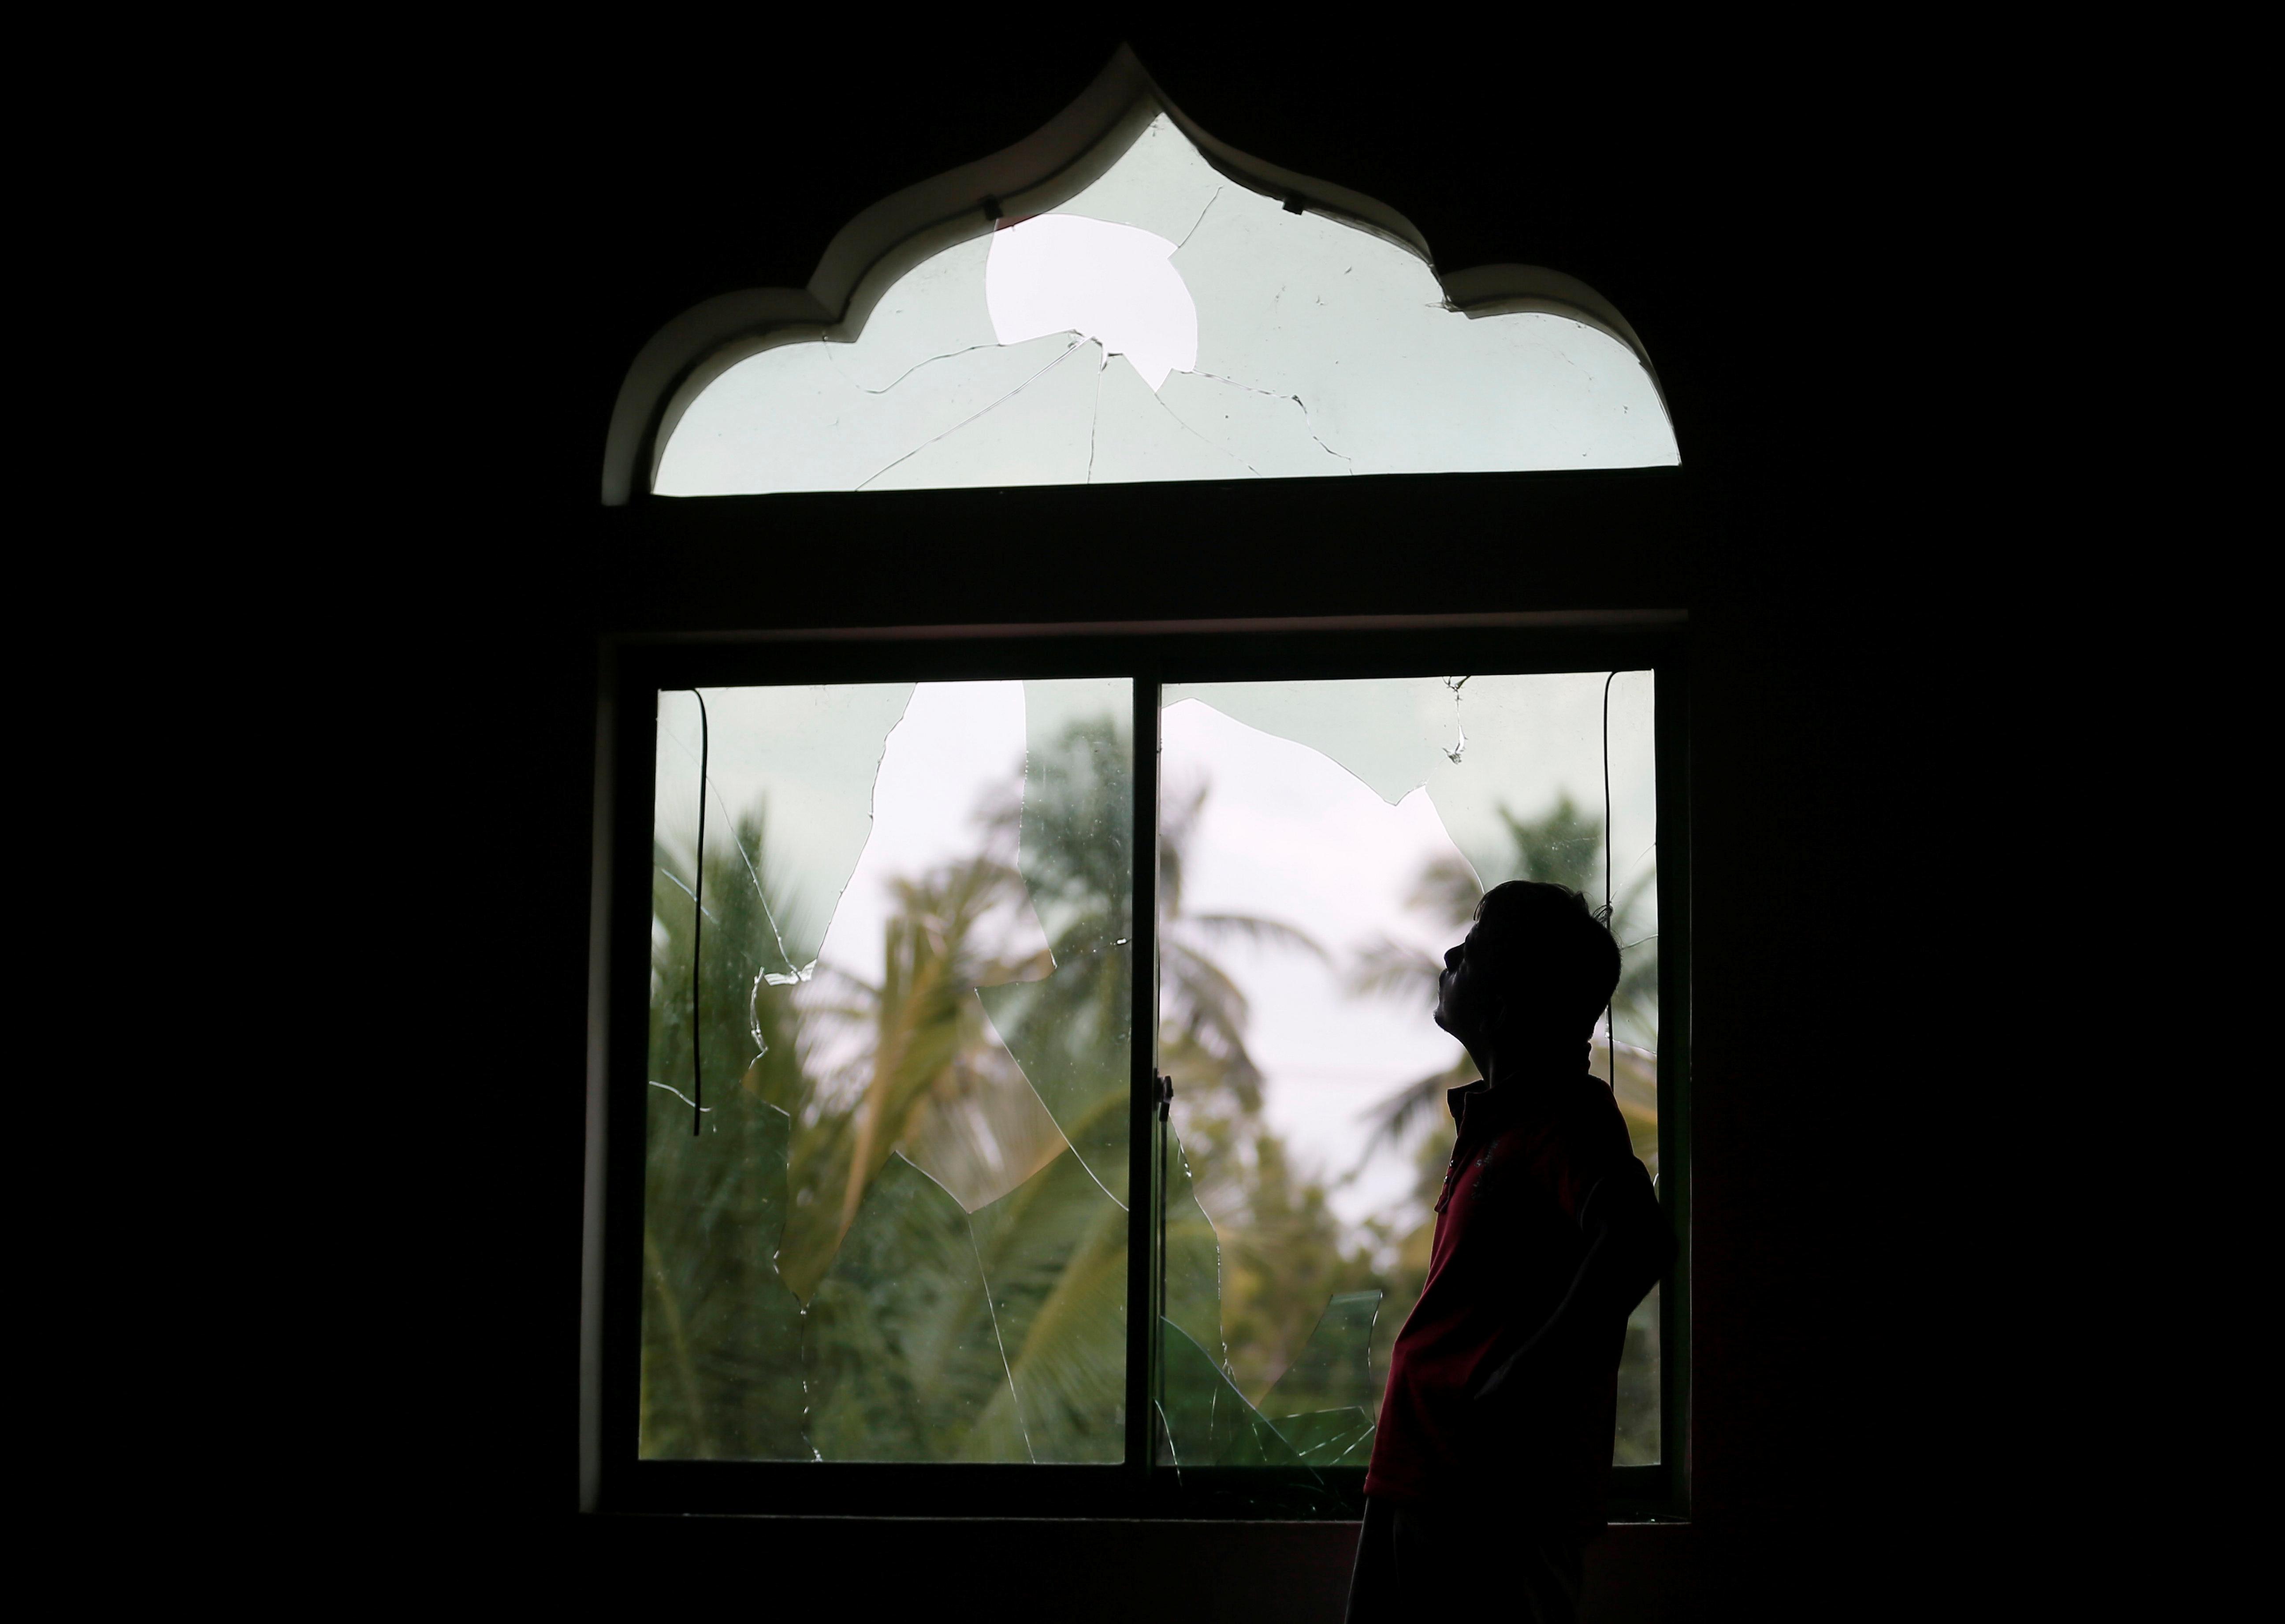 مواطن سريلانكى يقف أمام نافذة المسجد الذى هاجمه الغوغاء